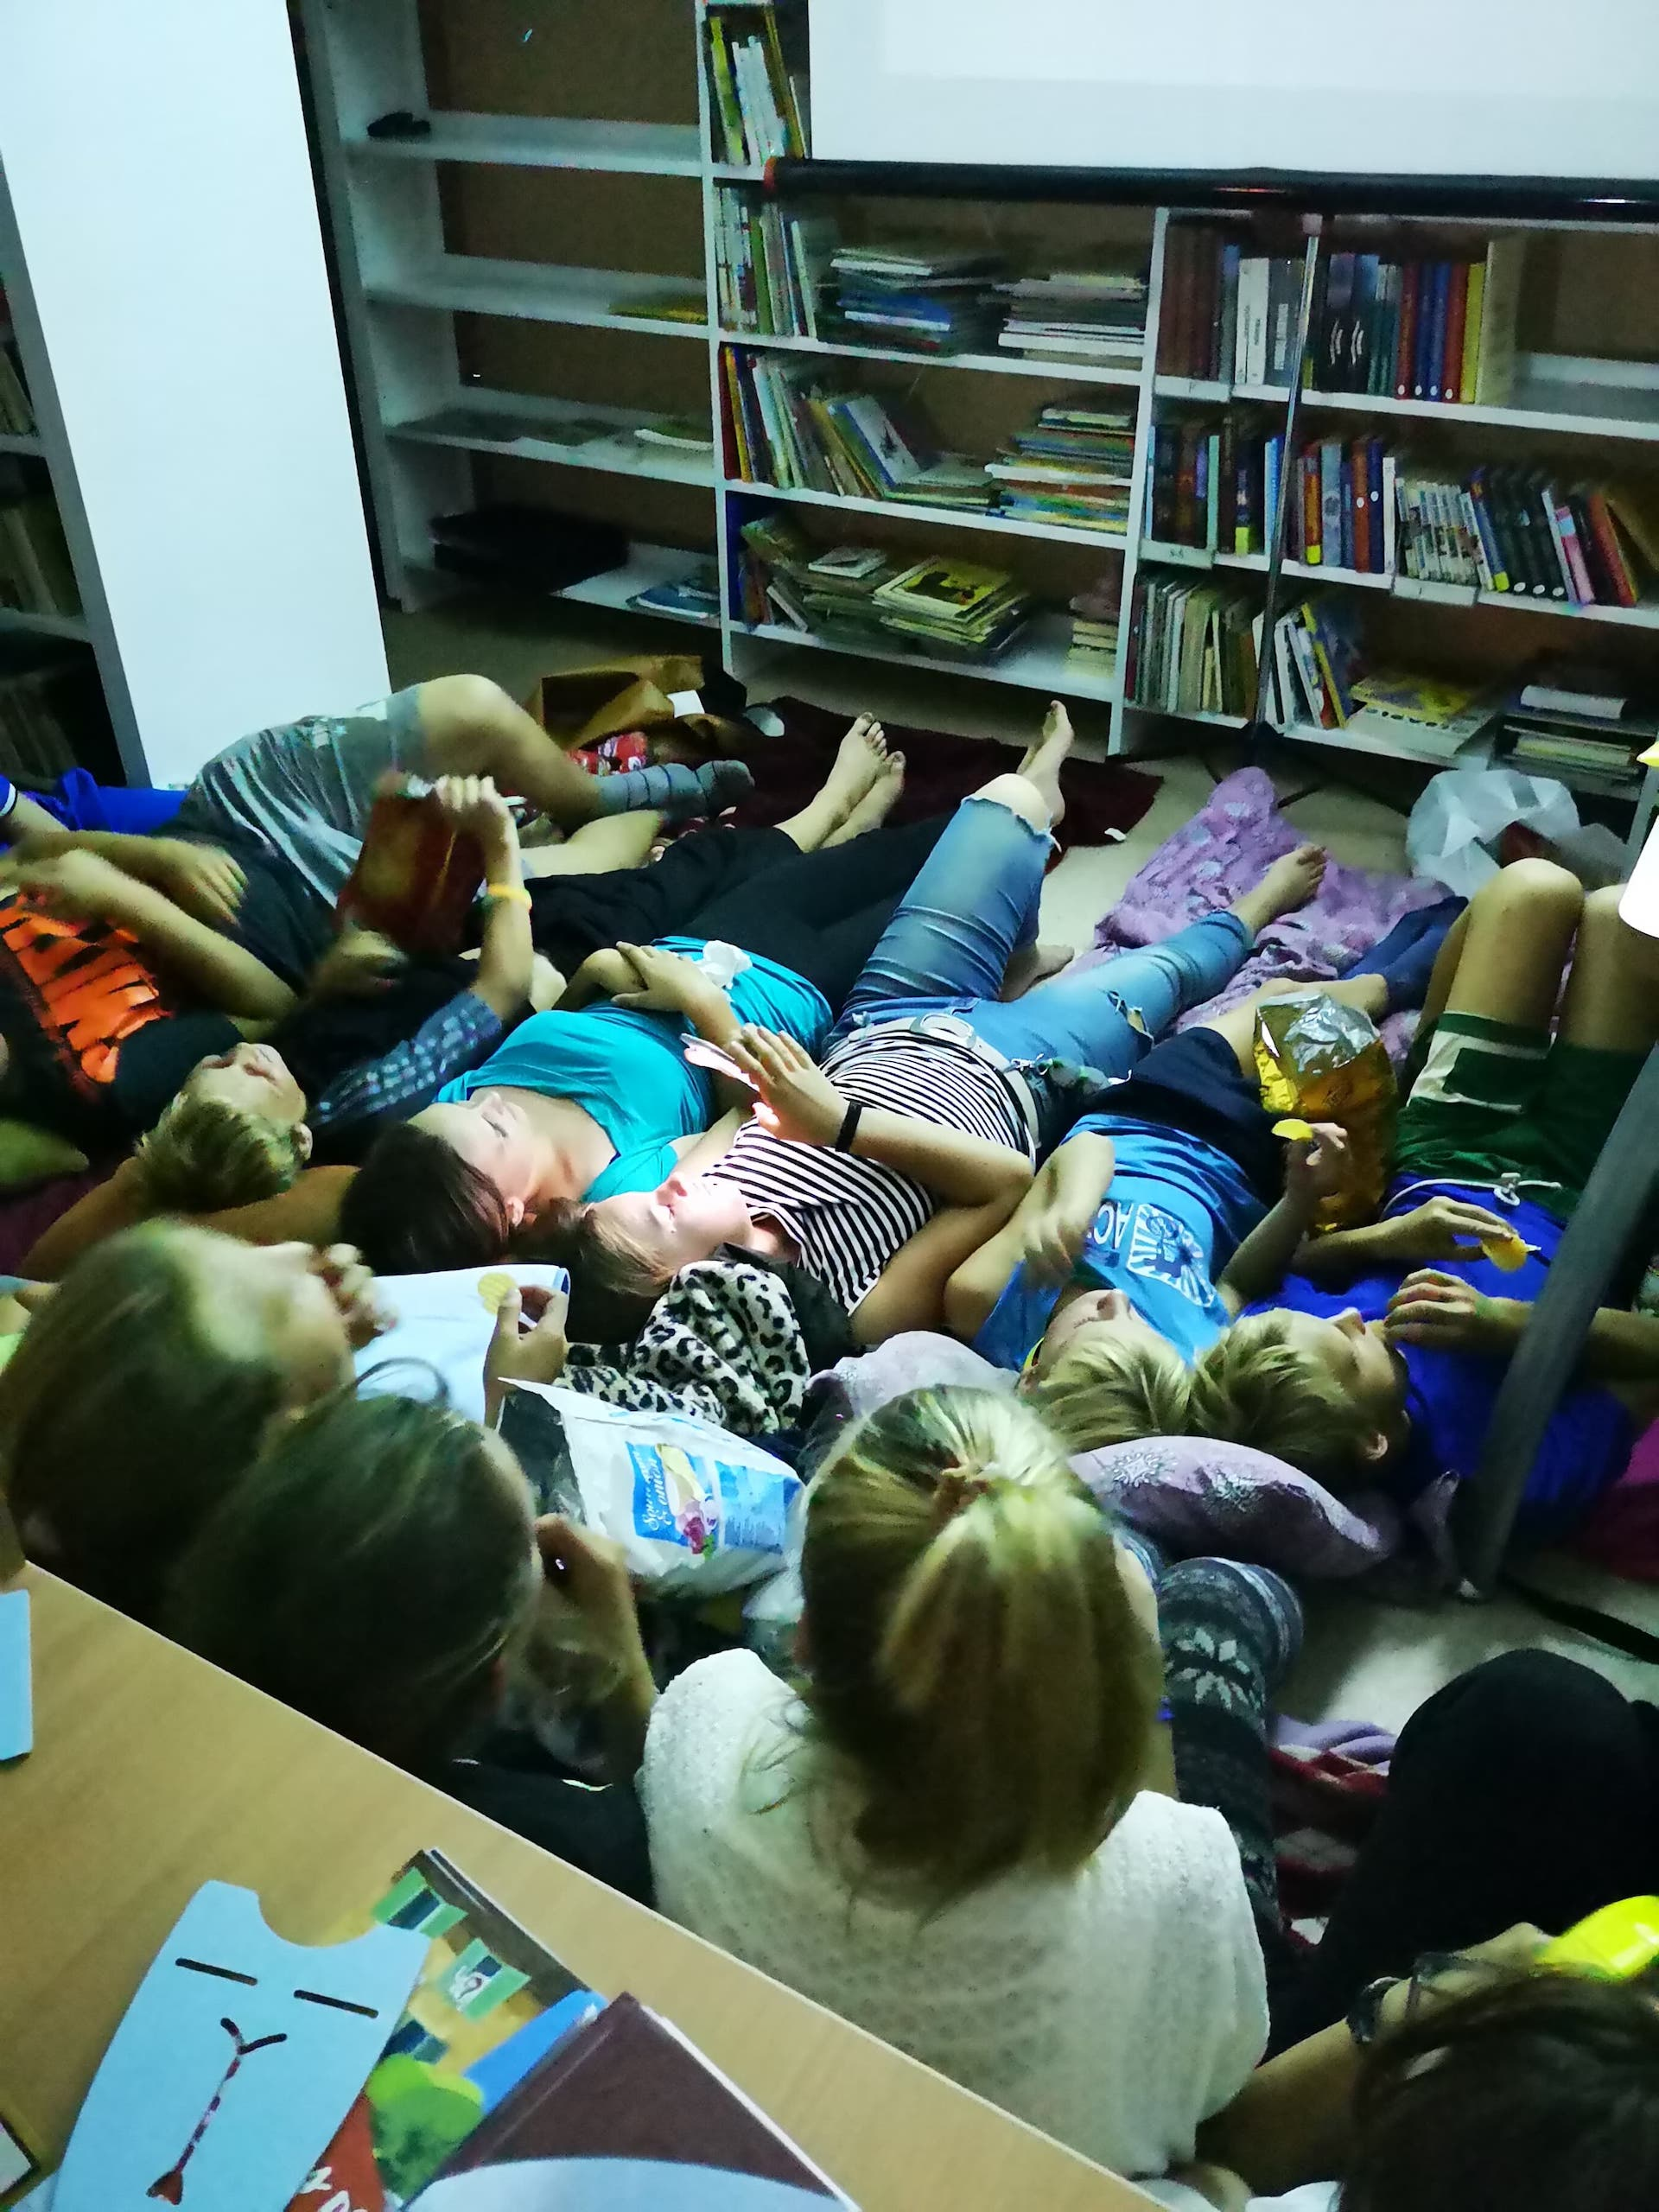 """Renginio """"Naktis bibliotekoje"""" vaikai laukia su nekantrumu. Asmeninio archyvo nuotr."""